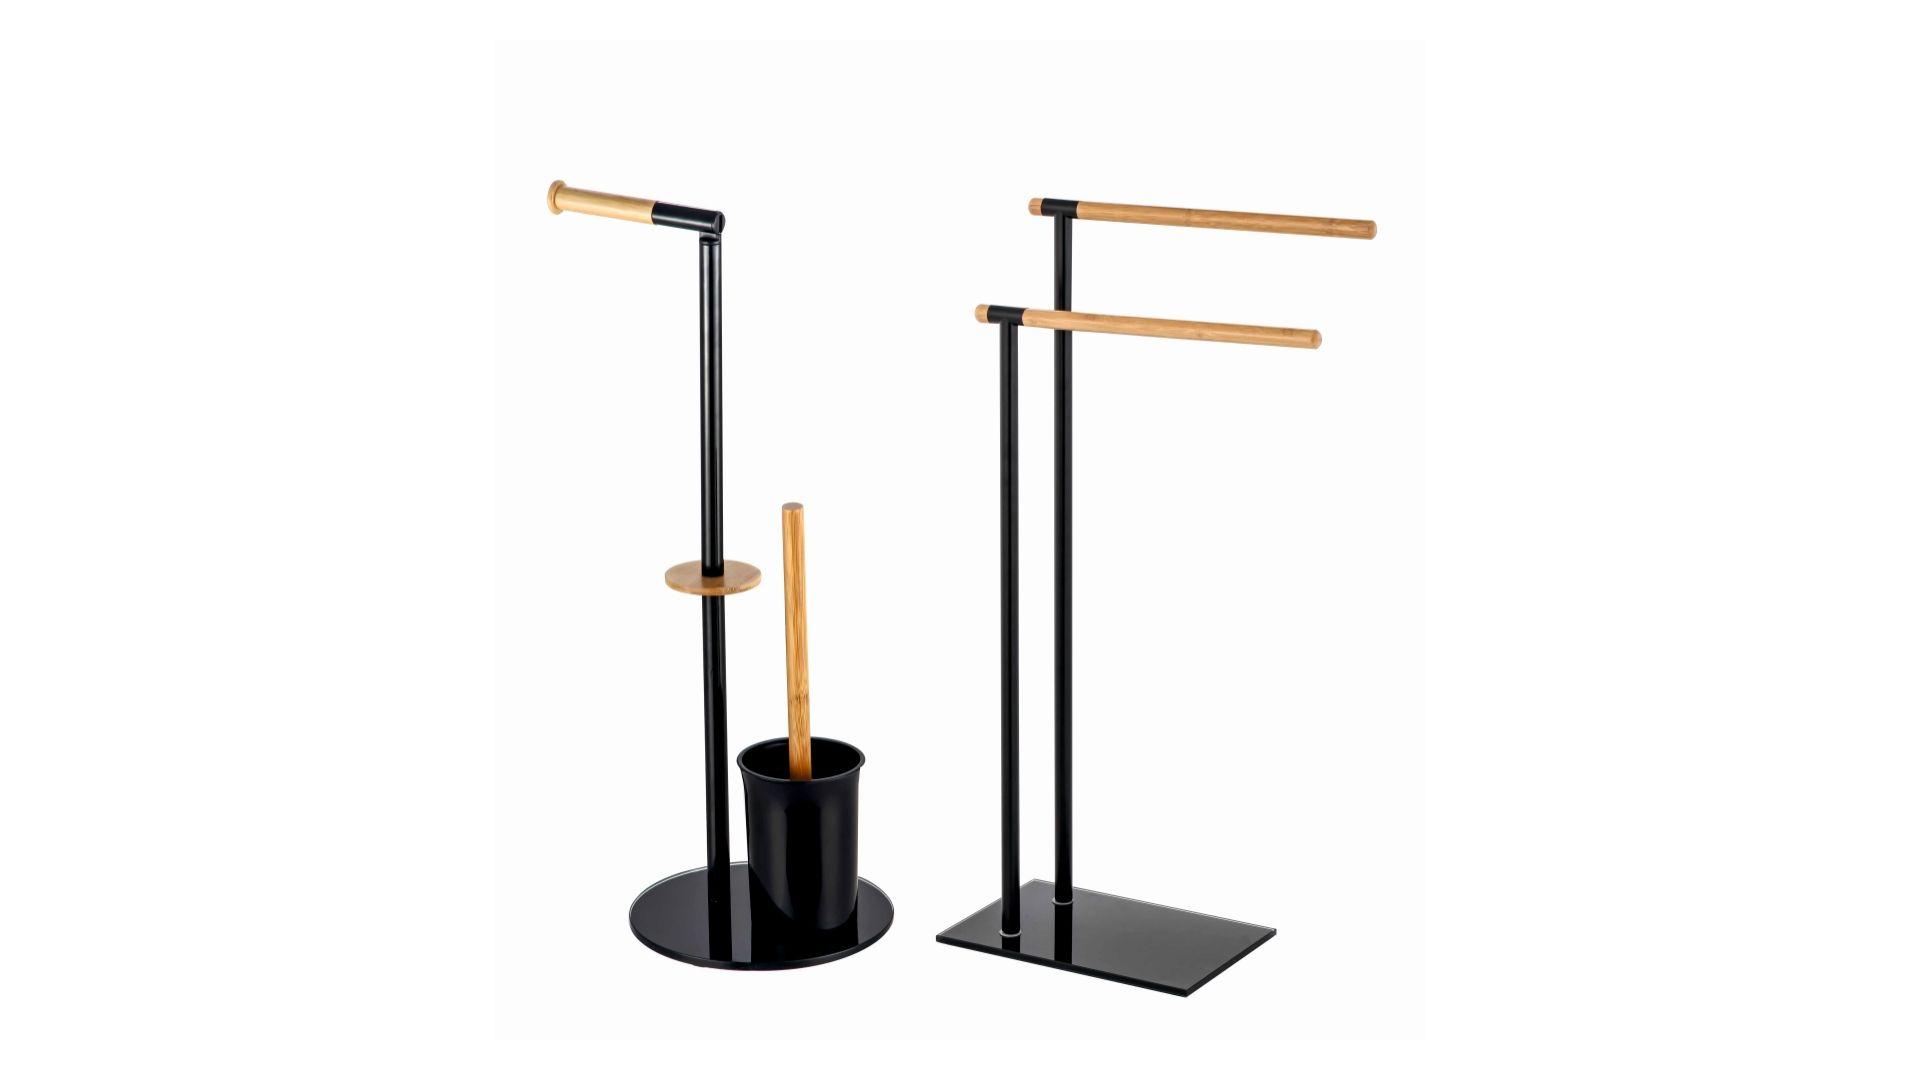 Stojaki Plain/Bisk. Produkt zgłoszony do konkursu Dobry Design 2019.